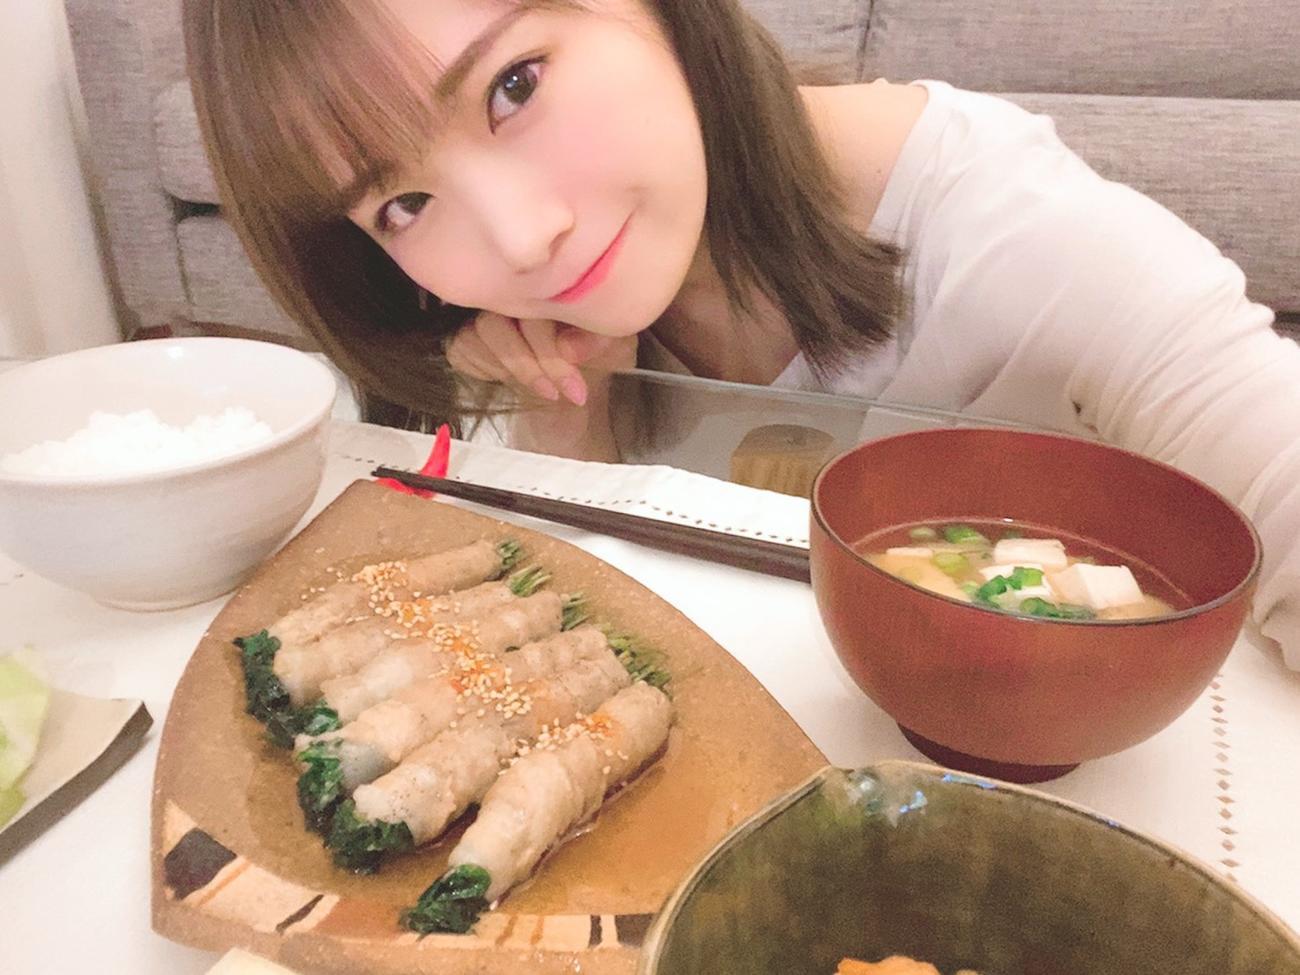 自宅で料理をして笑顔を見せる秋元真夏